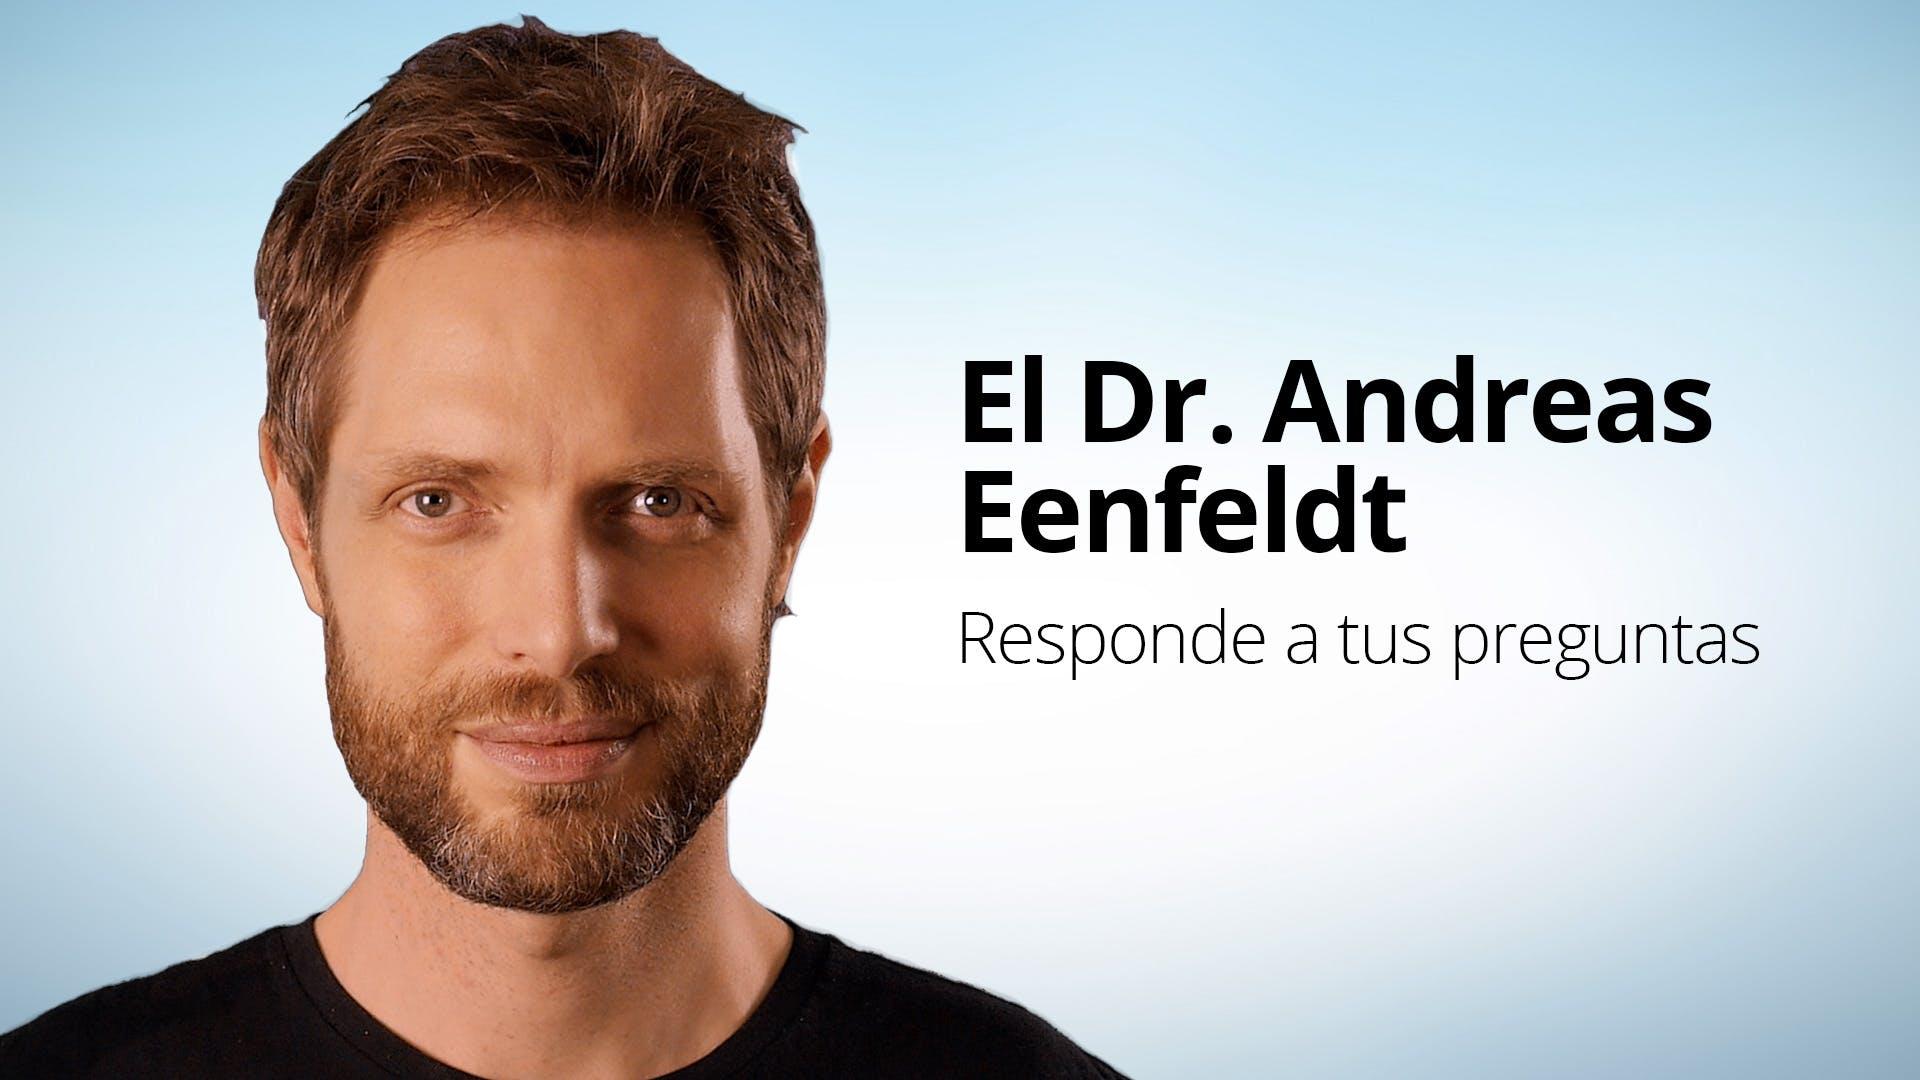 Preguntas y respuestas con el Dr. Andreas Eenfeldt